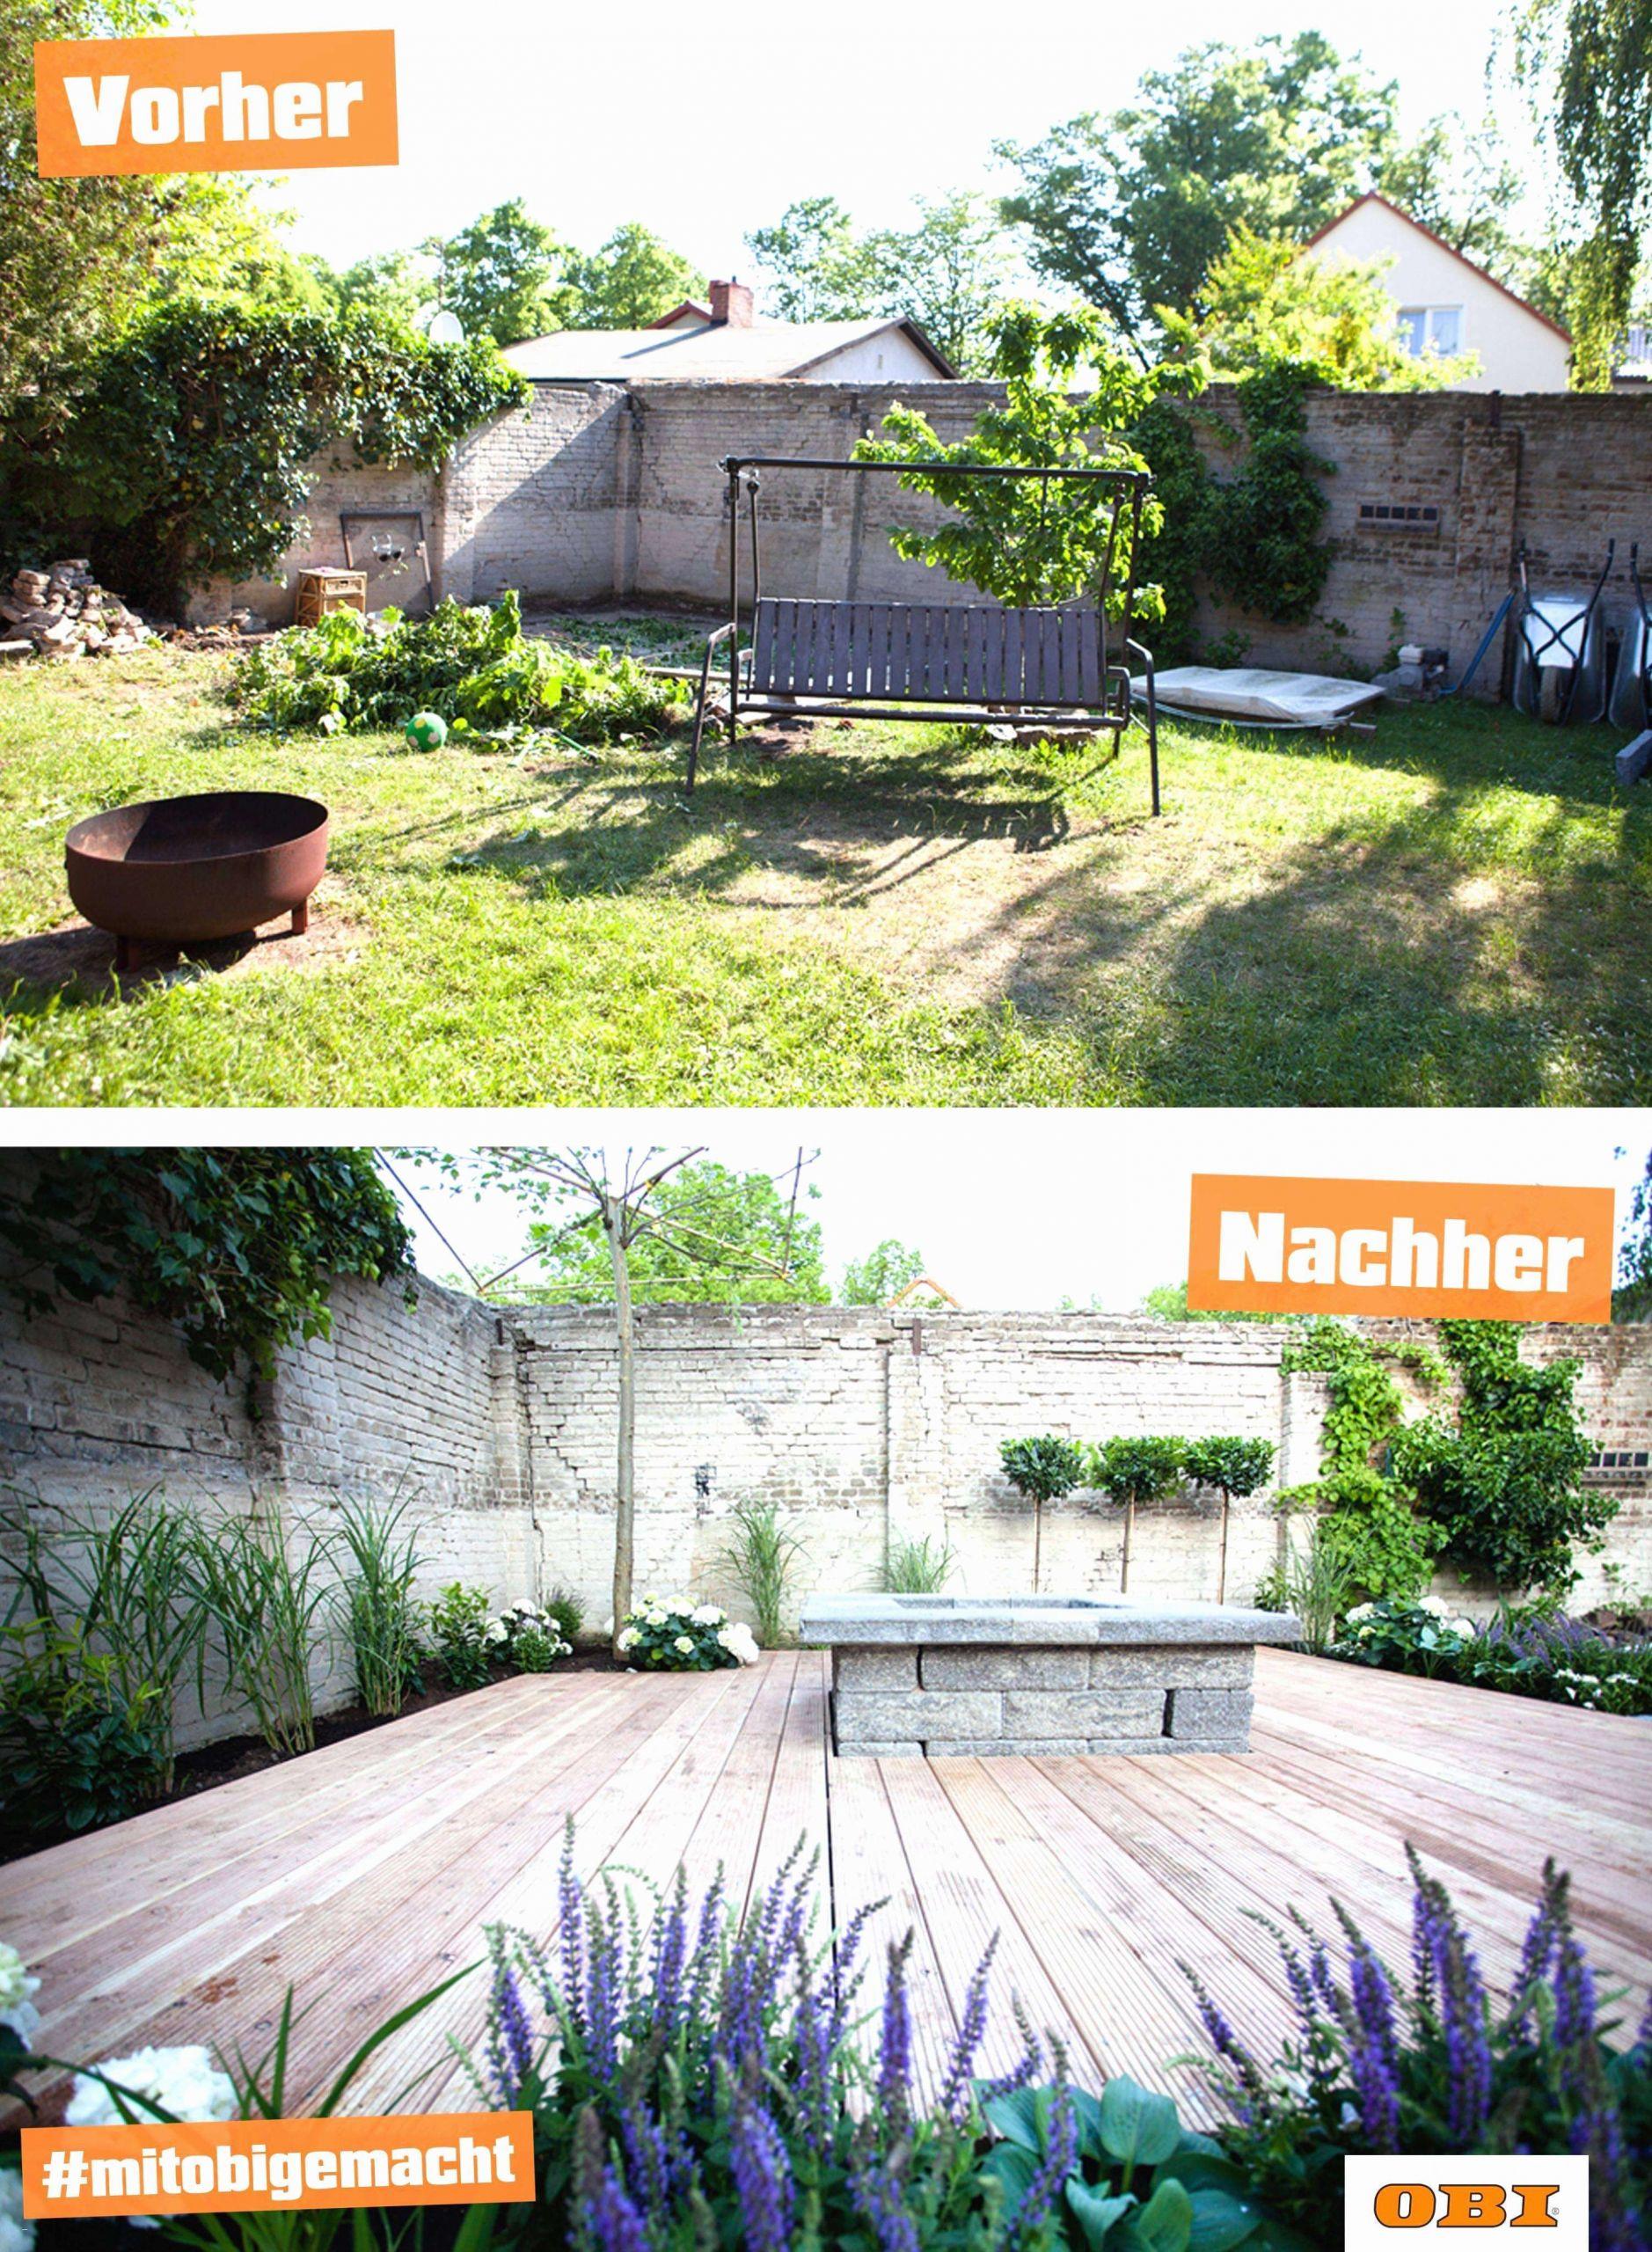 Gartengestaltung Mit Steinen Best Of Gartengestaltung Ideen Mit Steinen — Temobardz Home Blog